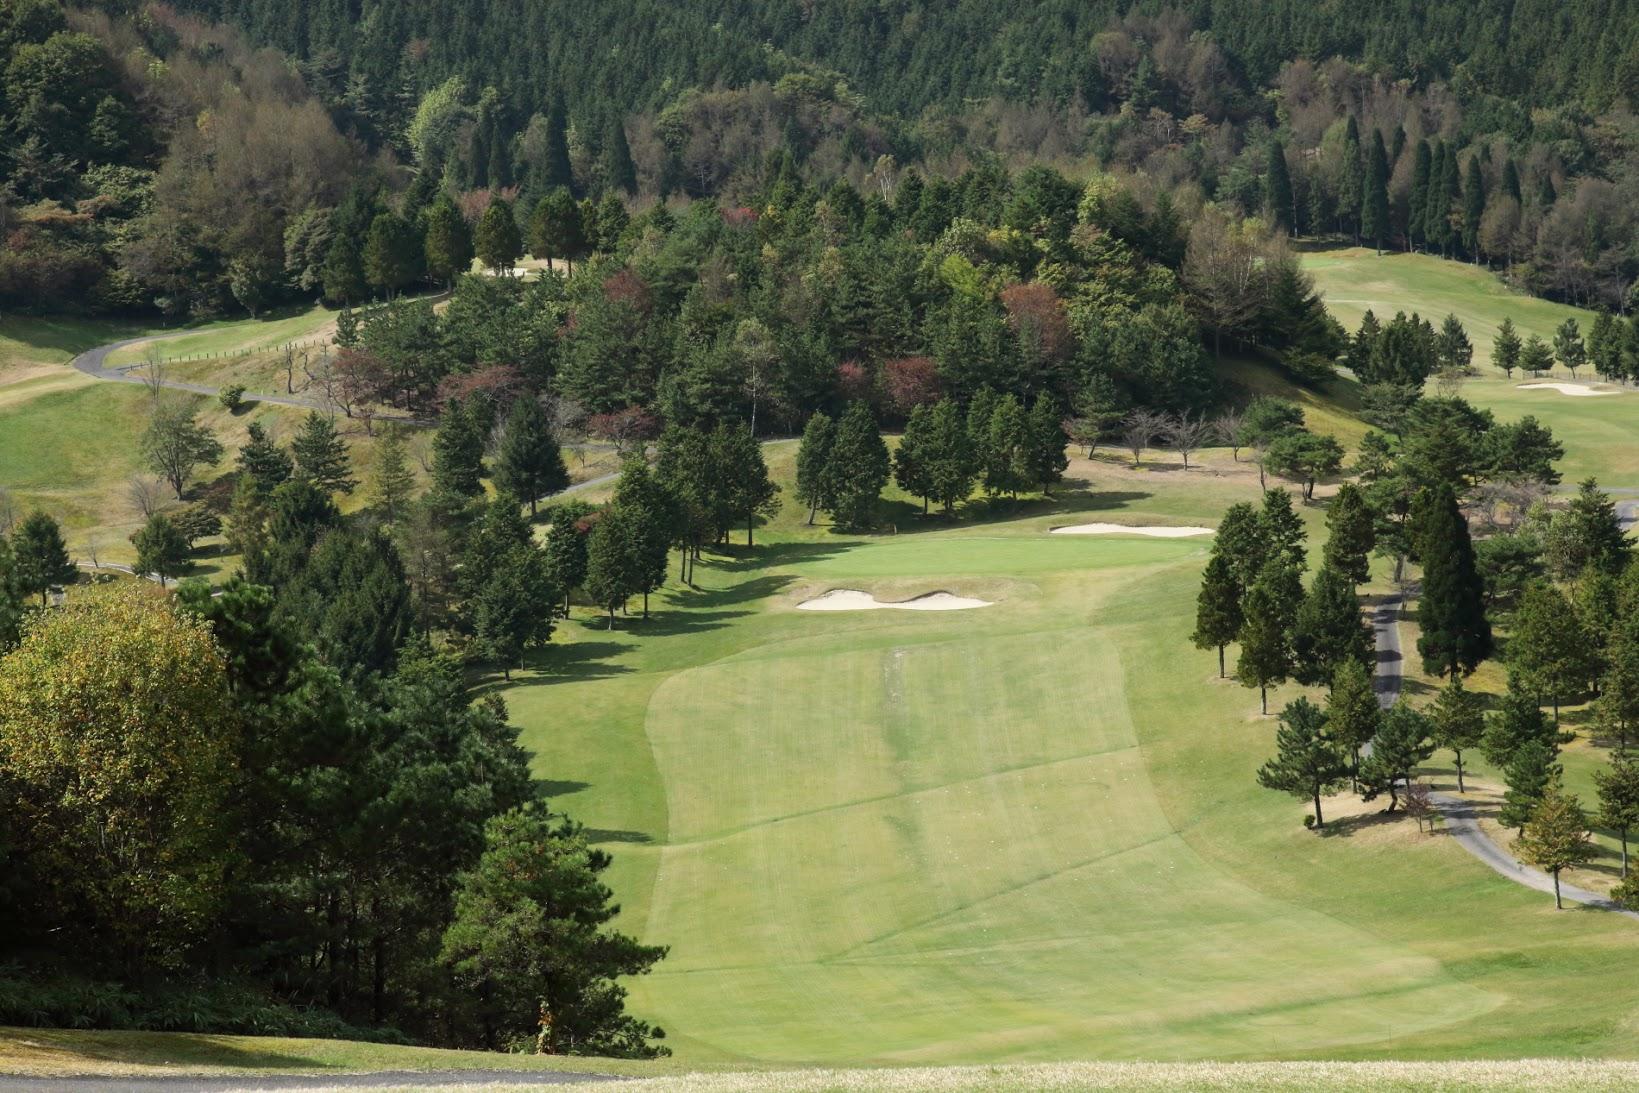 茶臼山ゴルフ倶楽部 茶臼山コース